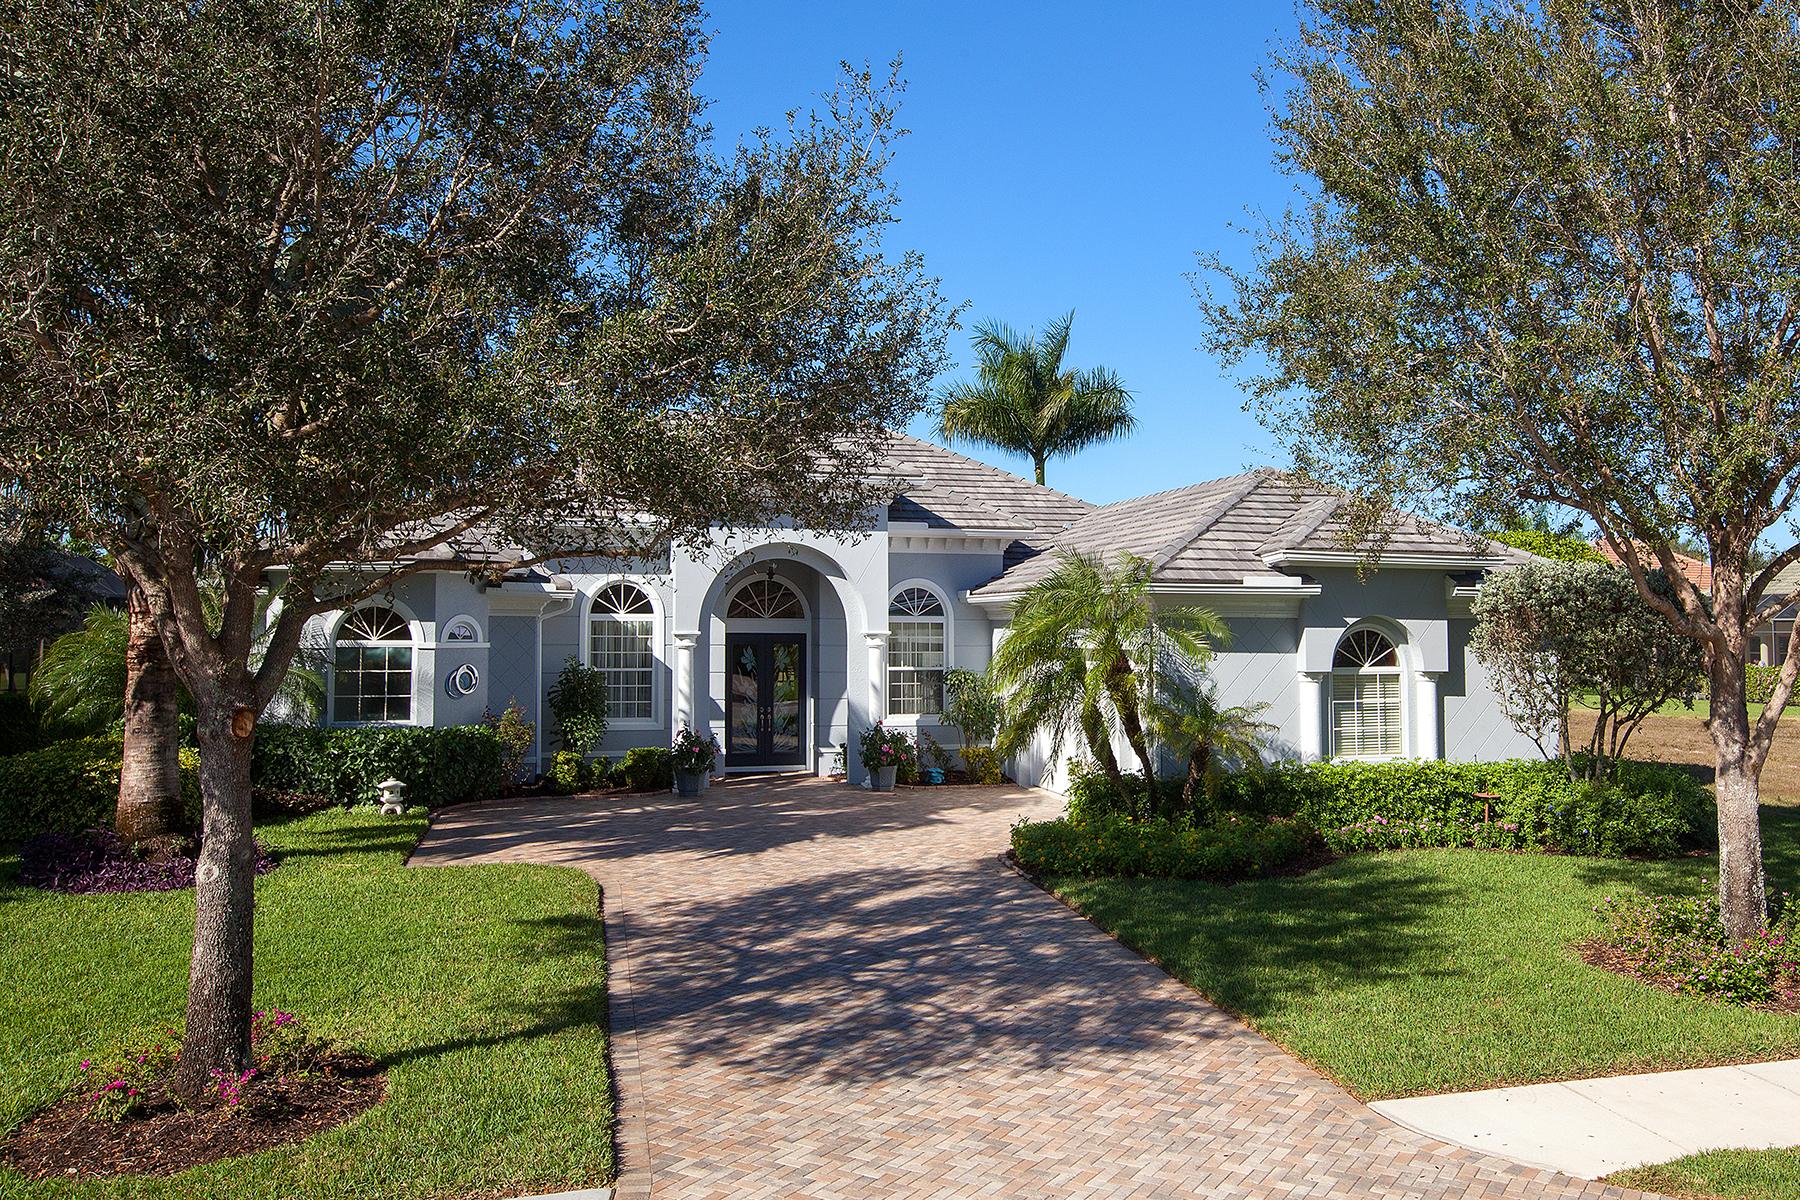 Einfamilienhaus für Verkauf beim HORSE CREEK ESTATES 292 Saddlebrook Ln Naples, Florida, 34110 Vereinigte Staaten